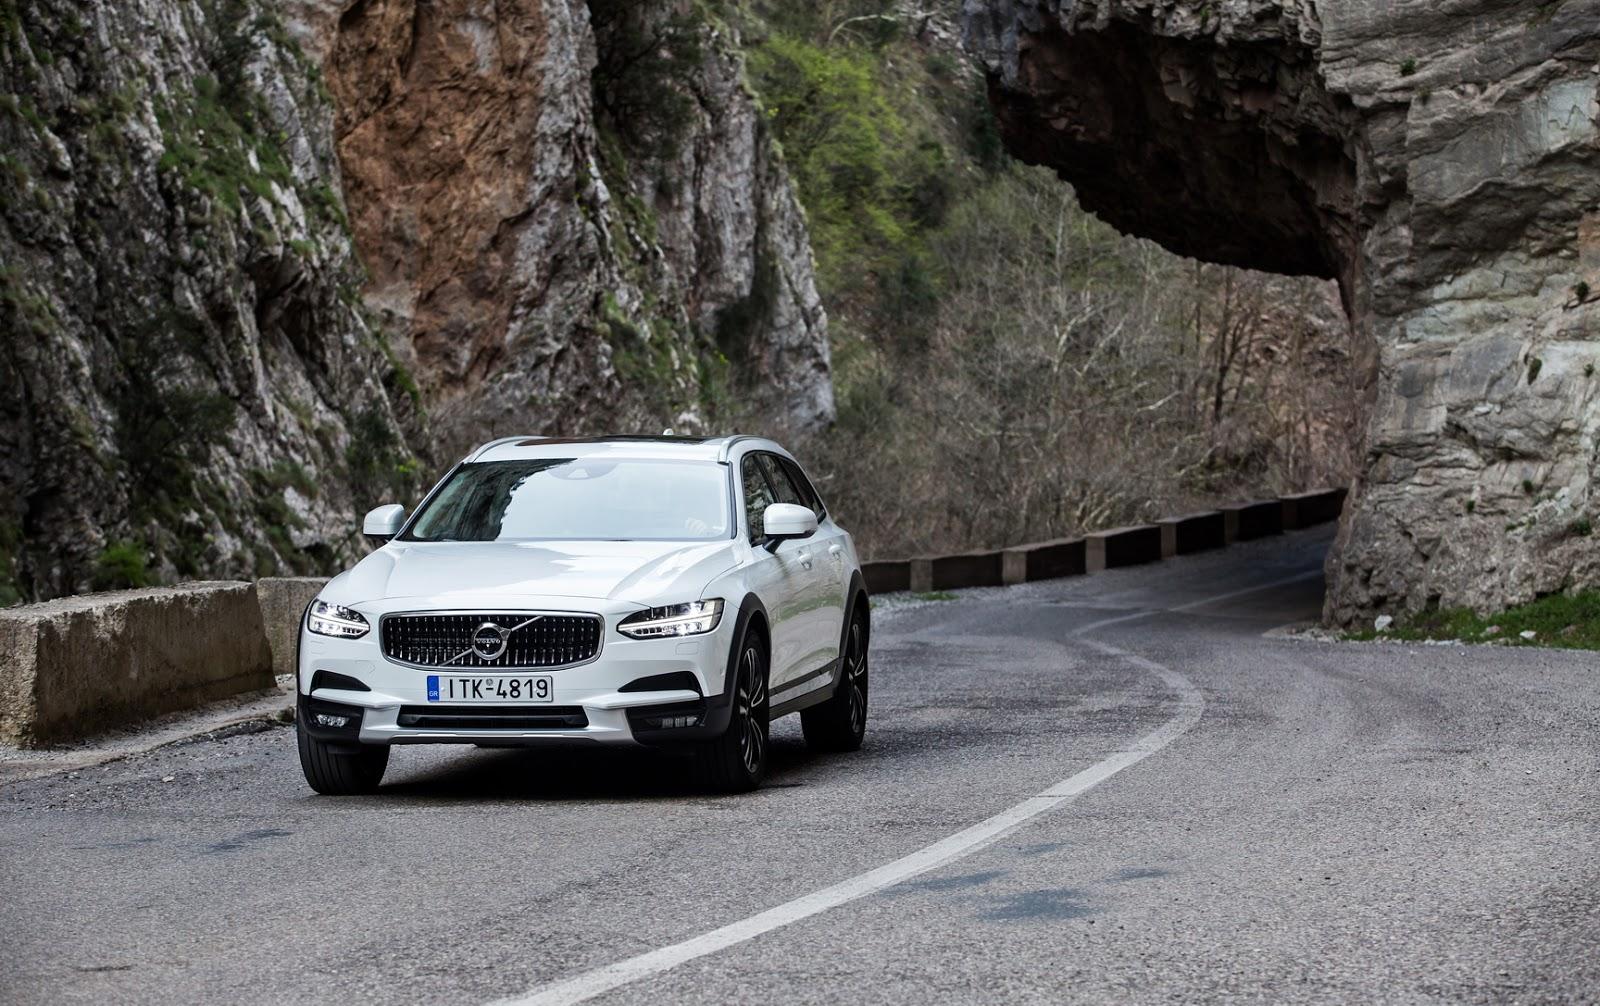 V902BCROSS2BCOUNTRY2B25 Το Volvo V90 Cross Country απευθύνεται σε ανήσυχους εξερευνητές της περιπέτειας! Crossover, Volvo, Volvo Car Hellas, Volvo Cars, Volvo V70 XC, Volvo V90 Cross Country, Volvo XC70